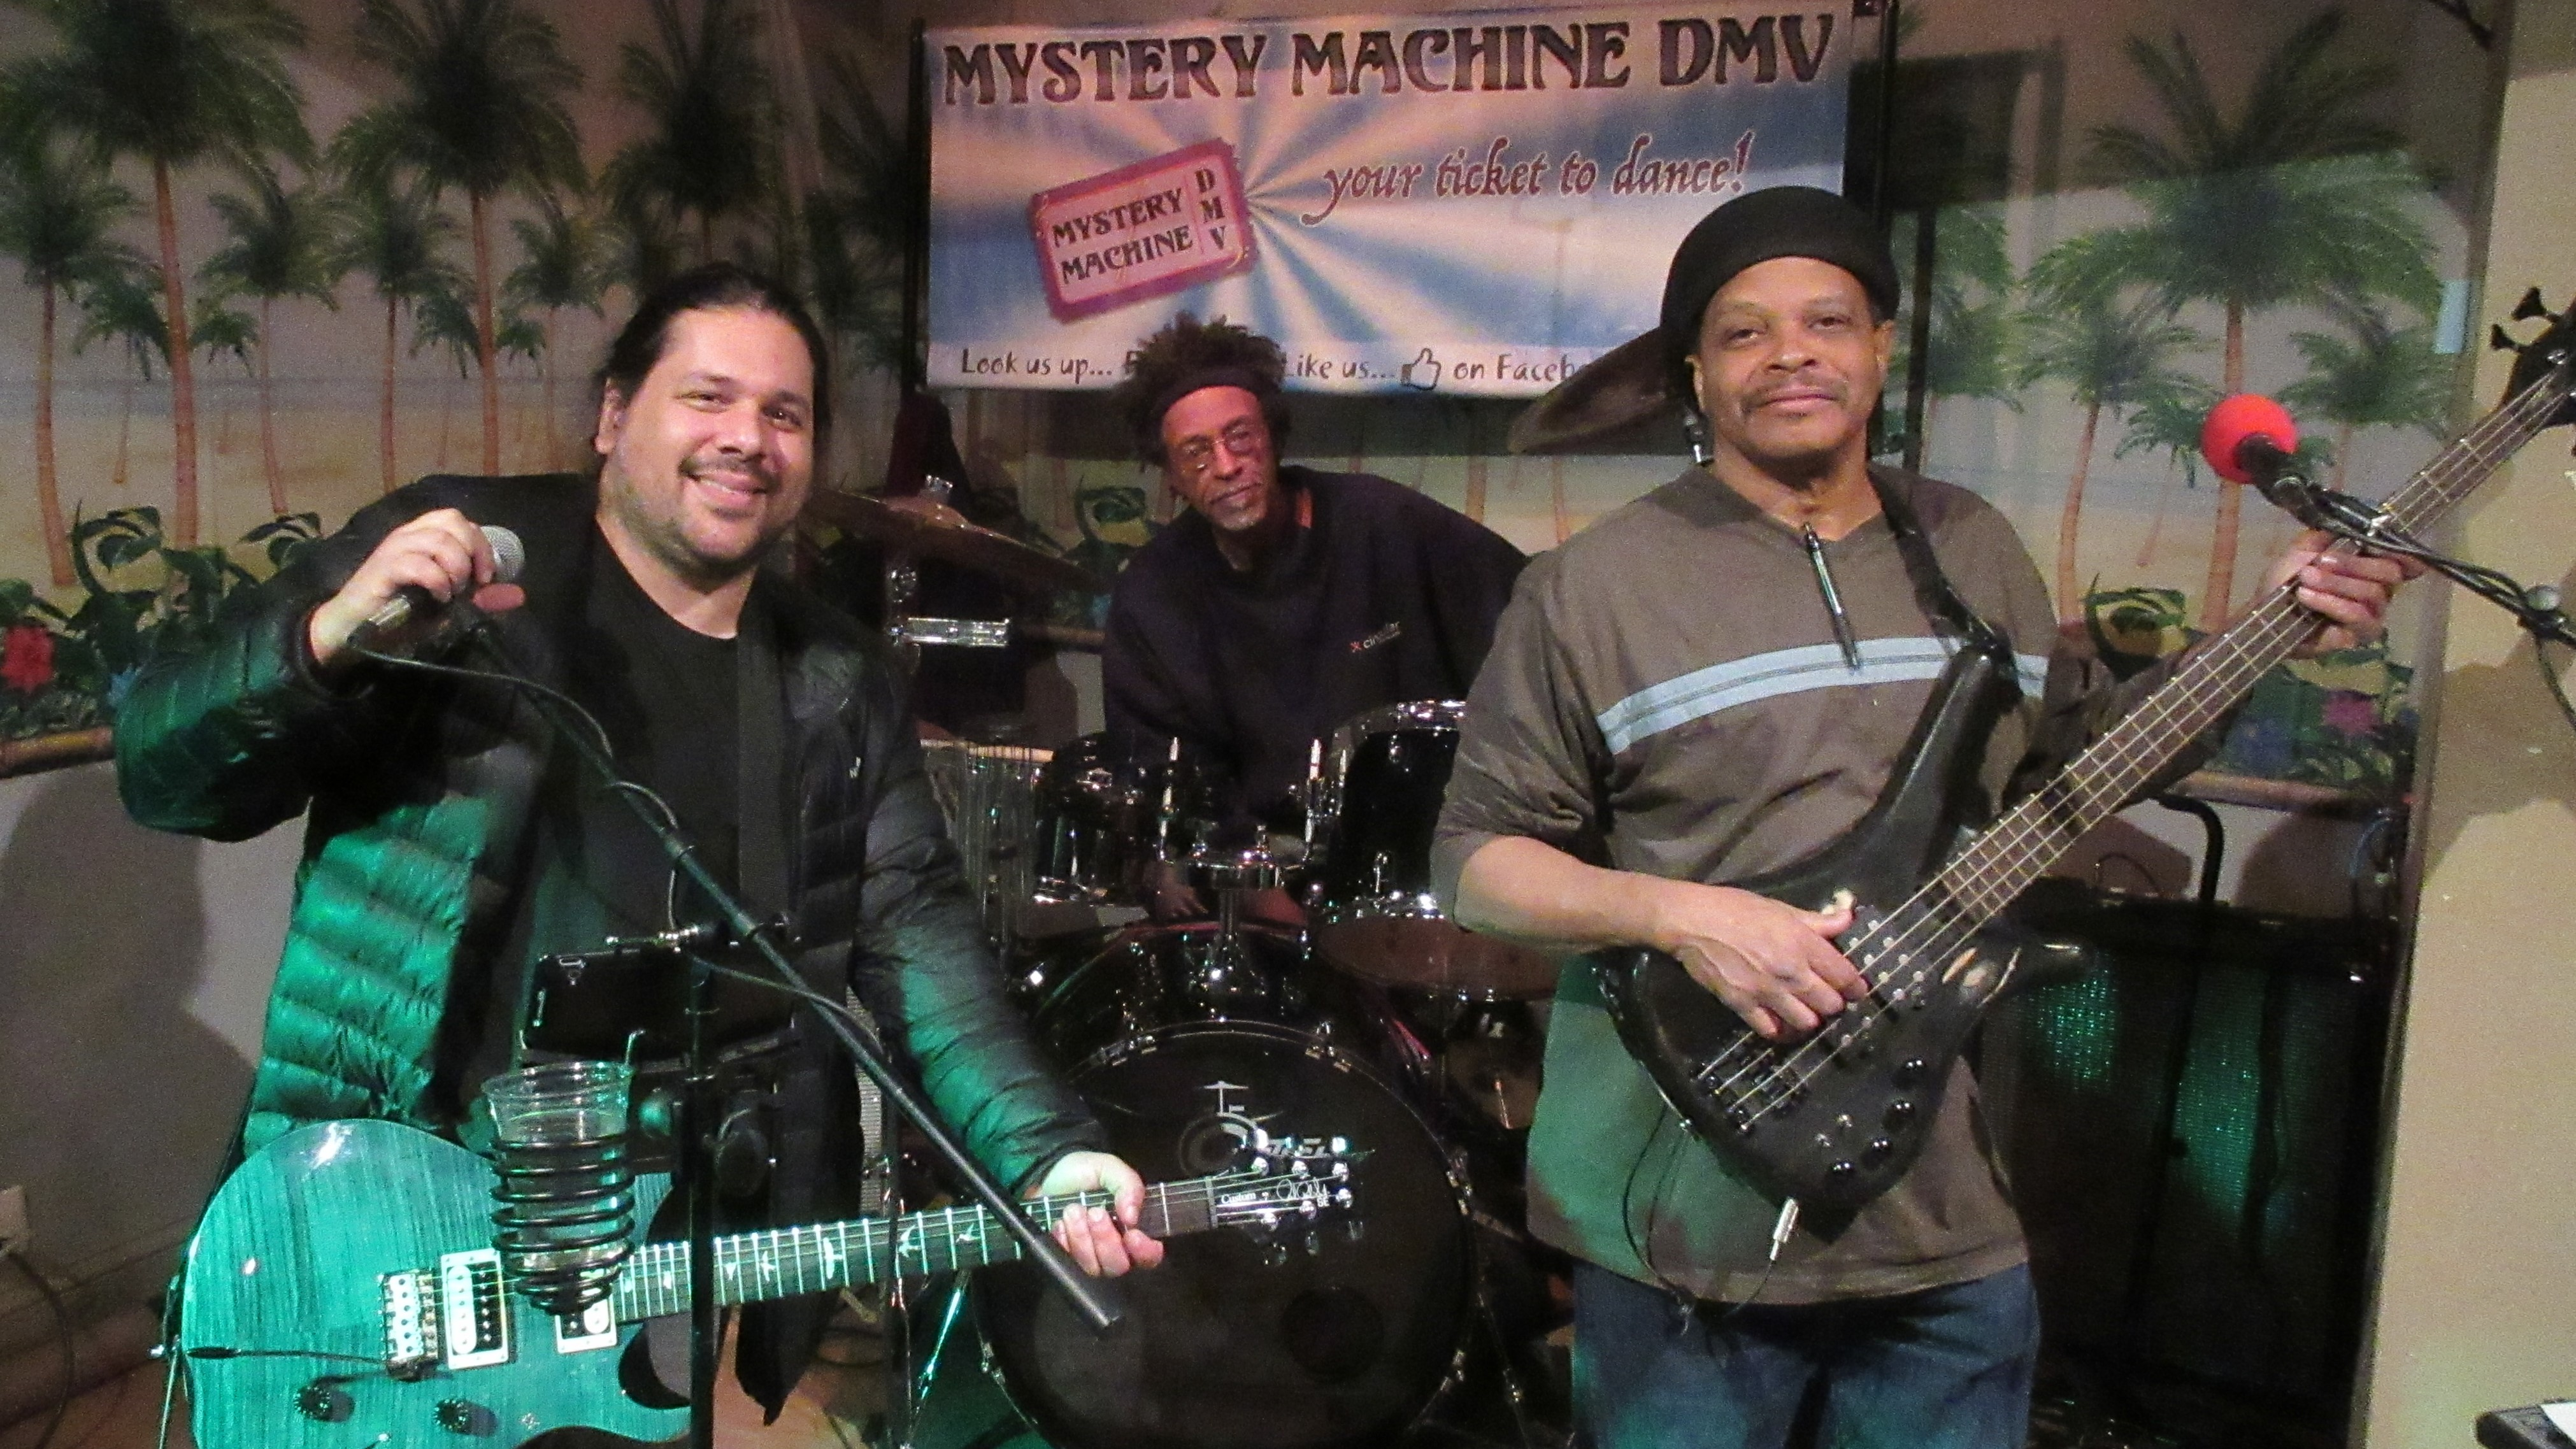 Friday Nite Funk: Mystery Machine Band